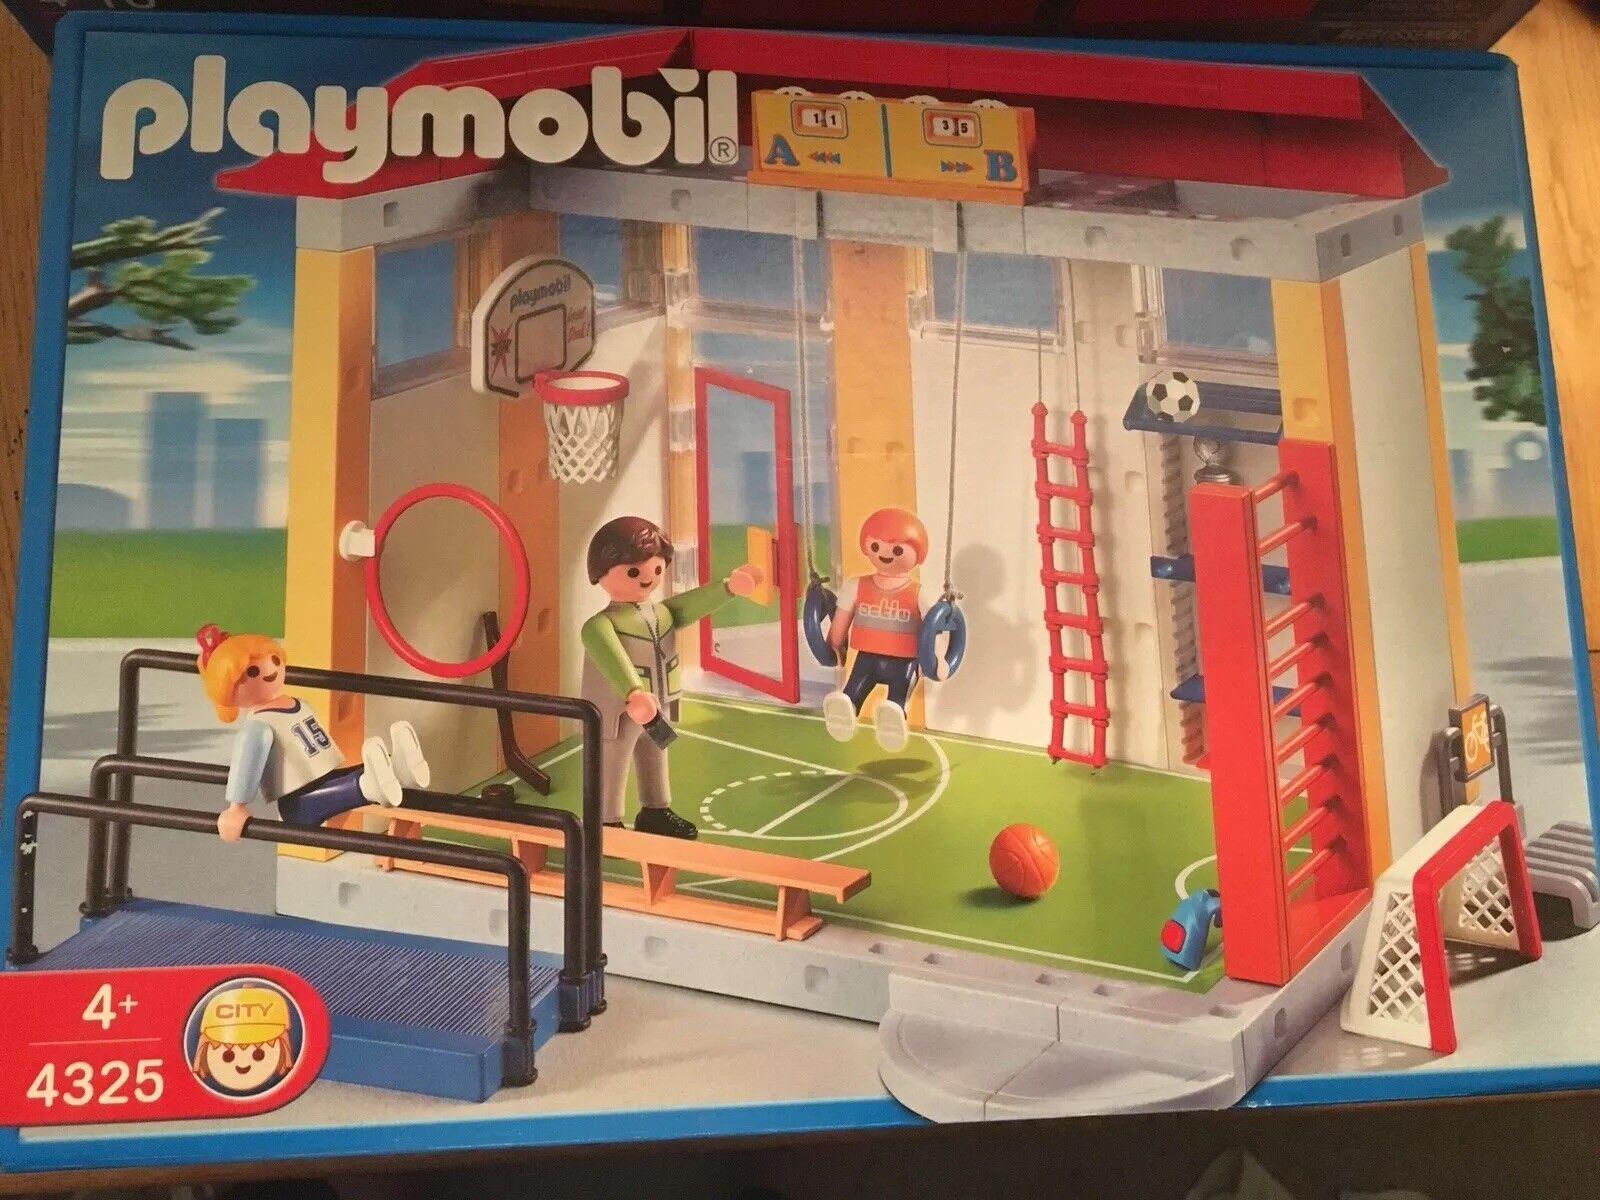 Playmobil 4325 Escolar Gimnasio Nuevo Y En Caja-artículo Raro Descatalogado